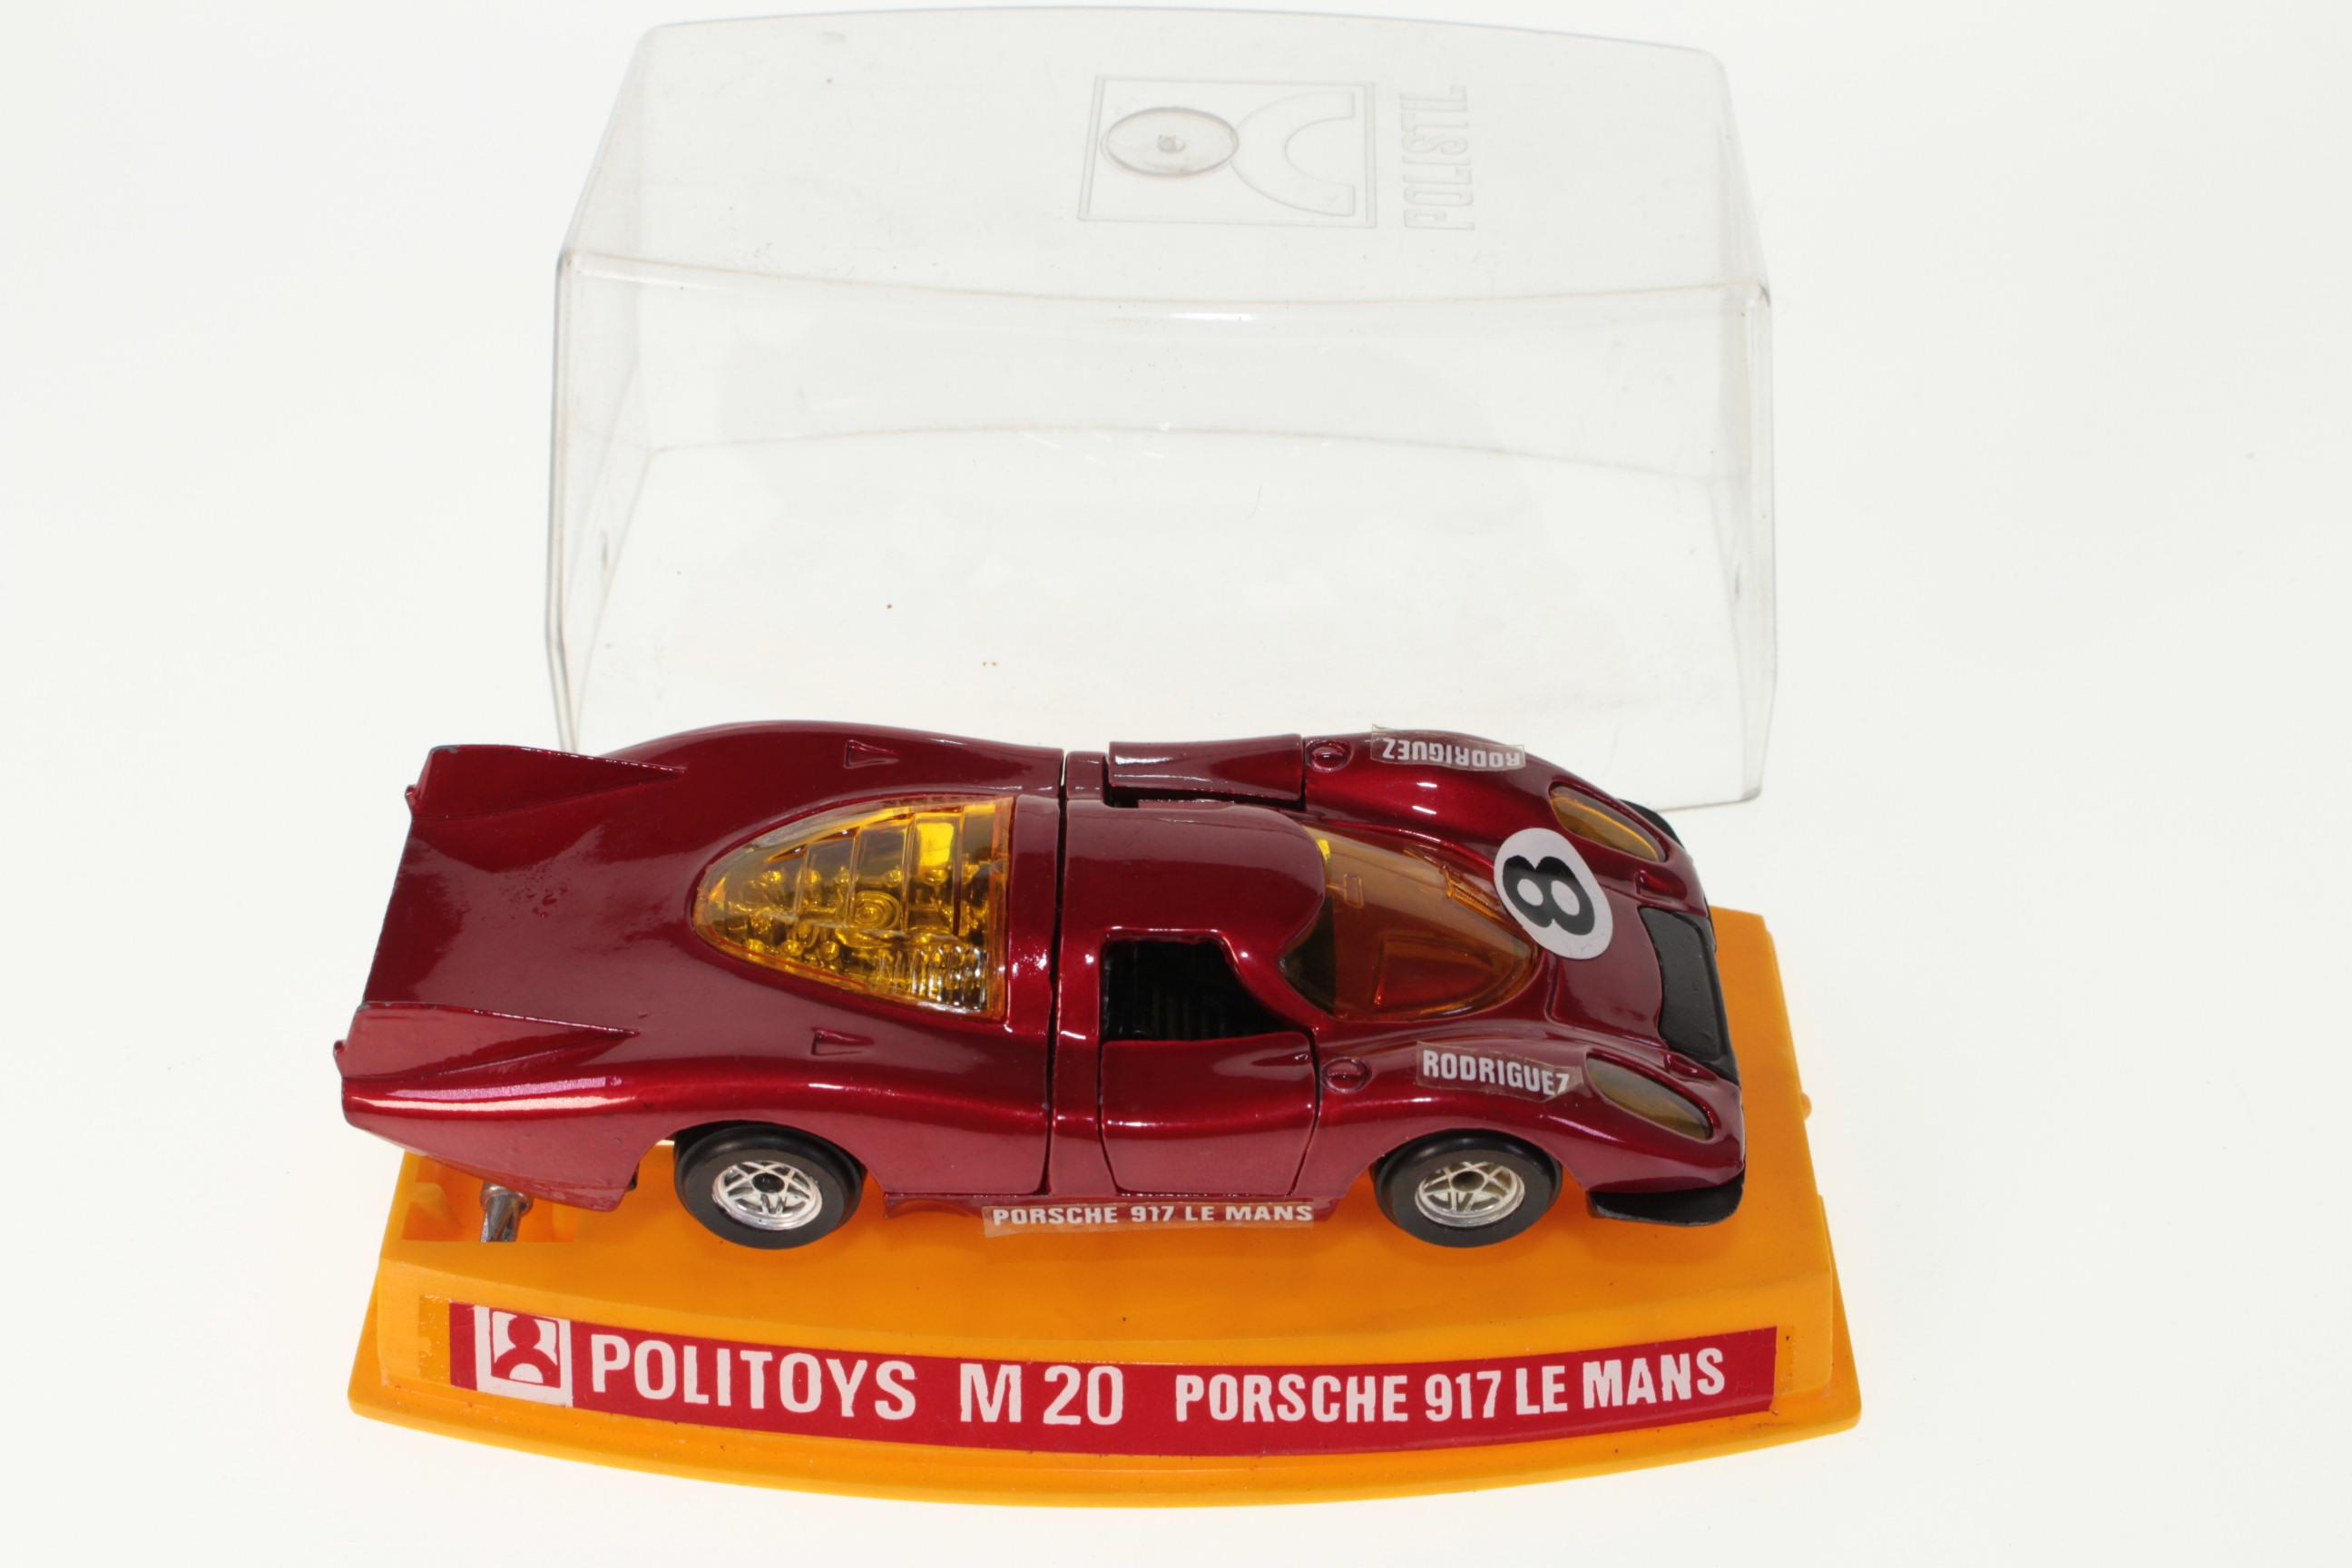 Picture Gallery for Politoys M20 Porsche 917 Le Mans